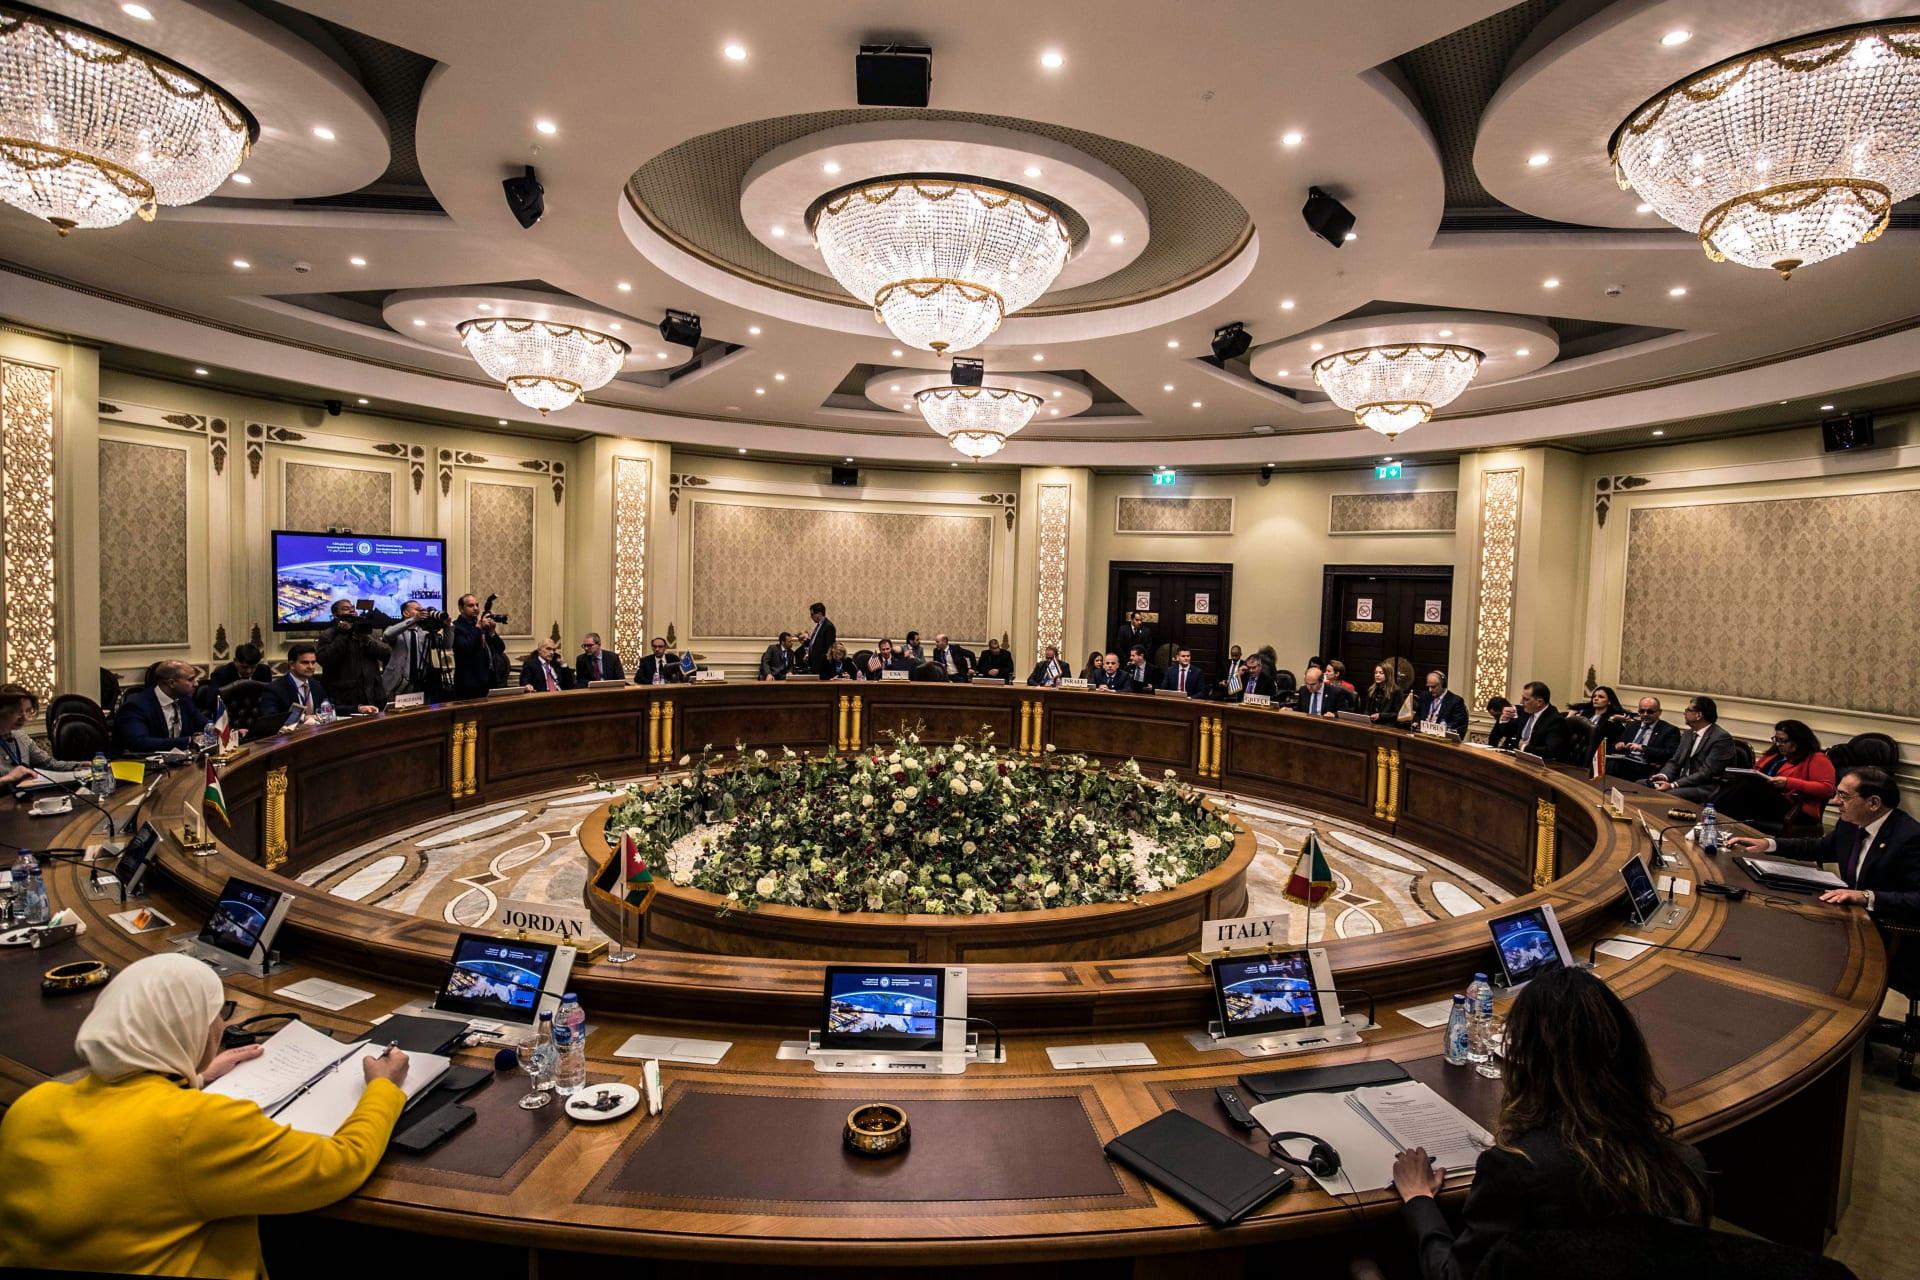 """بمشاركة 7 دول بينها مصر واليونان وإسرائيل.. التوقيع على اتفاقية """"غاز شرق المتوسط"""" في القاهرة الثلاثاء"""